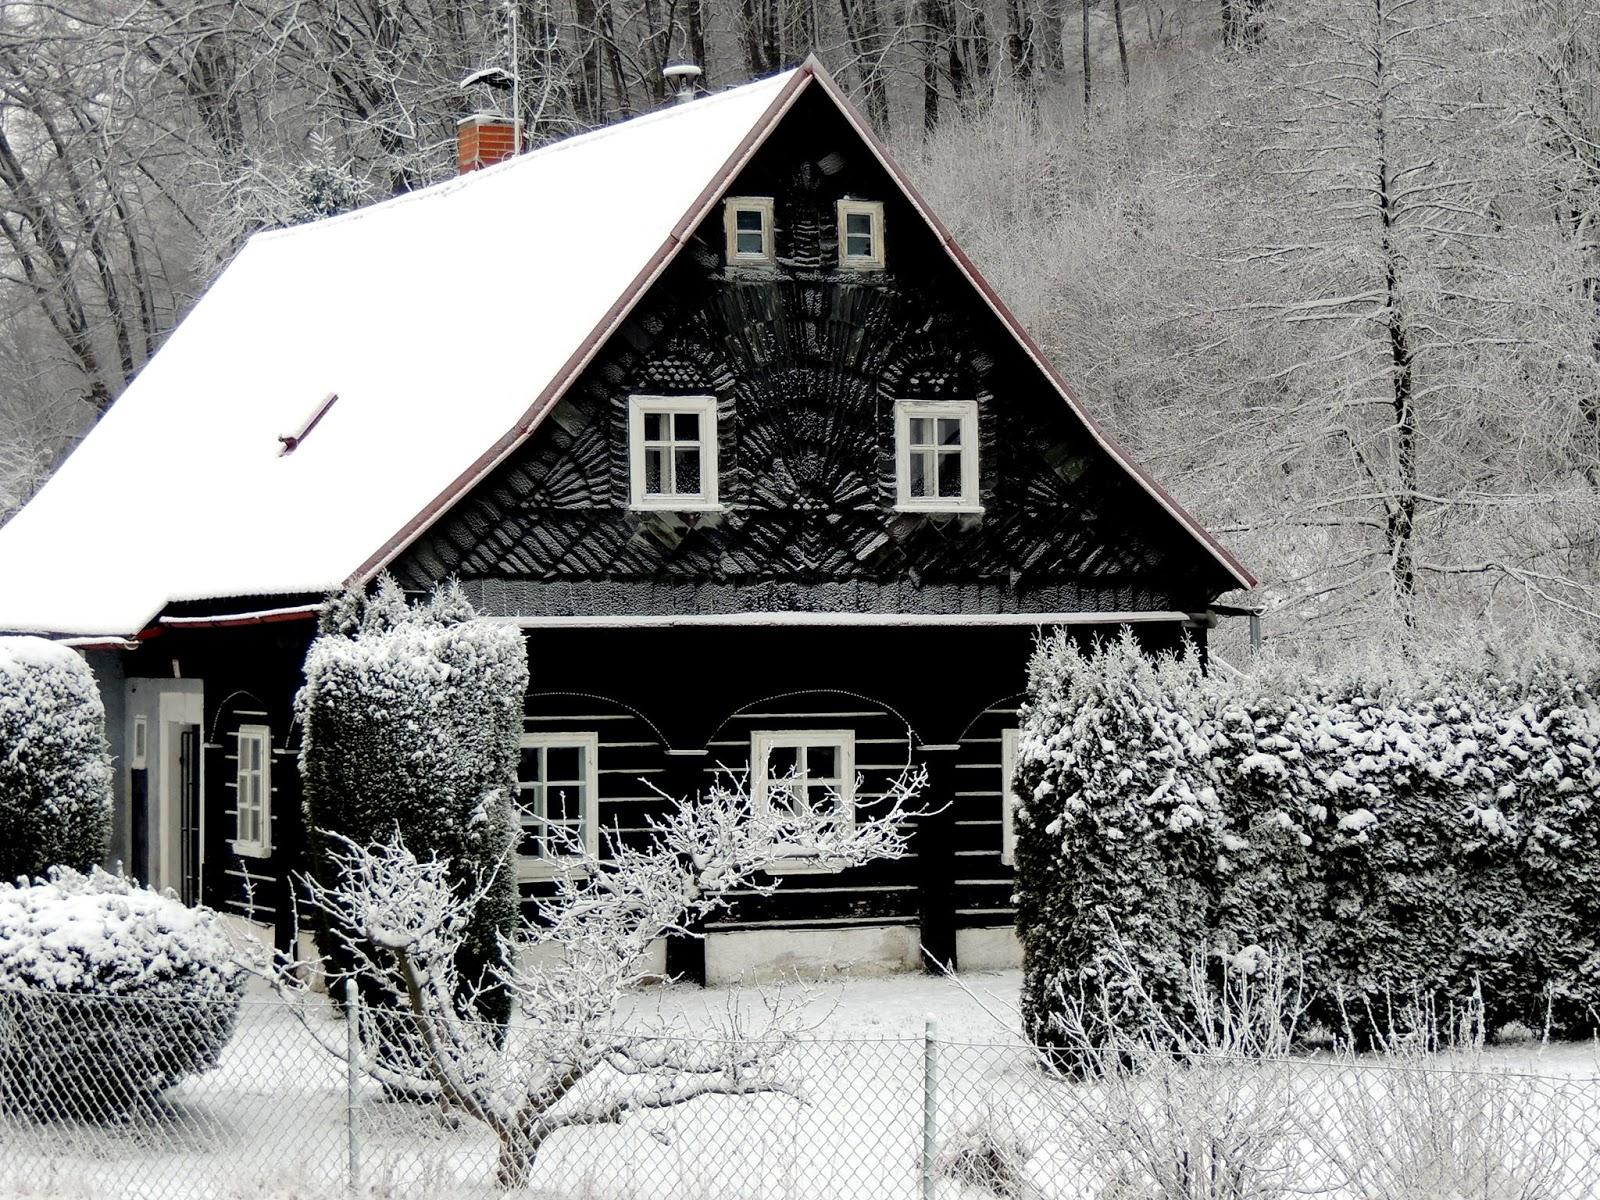 POHÁDKA: Sněhová chaloupka